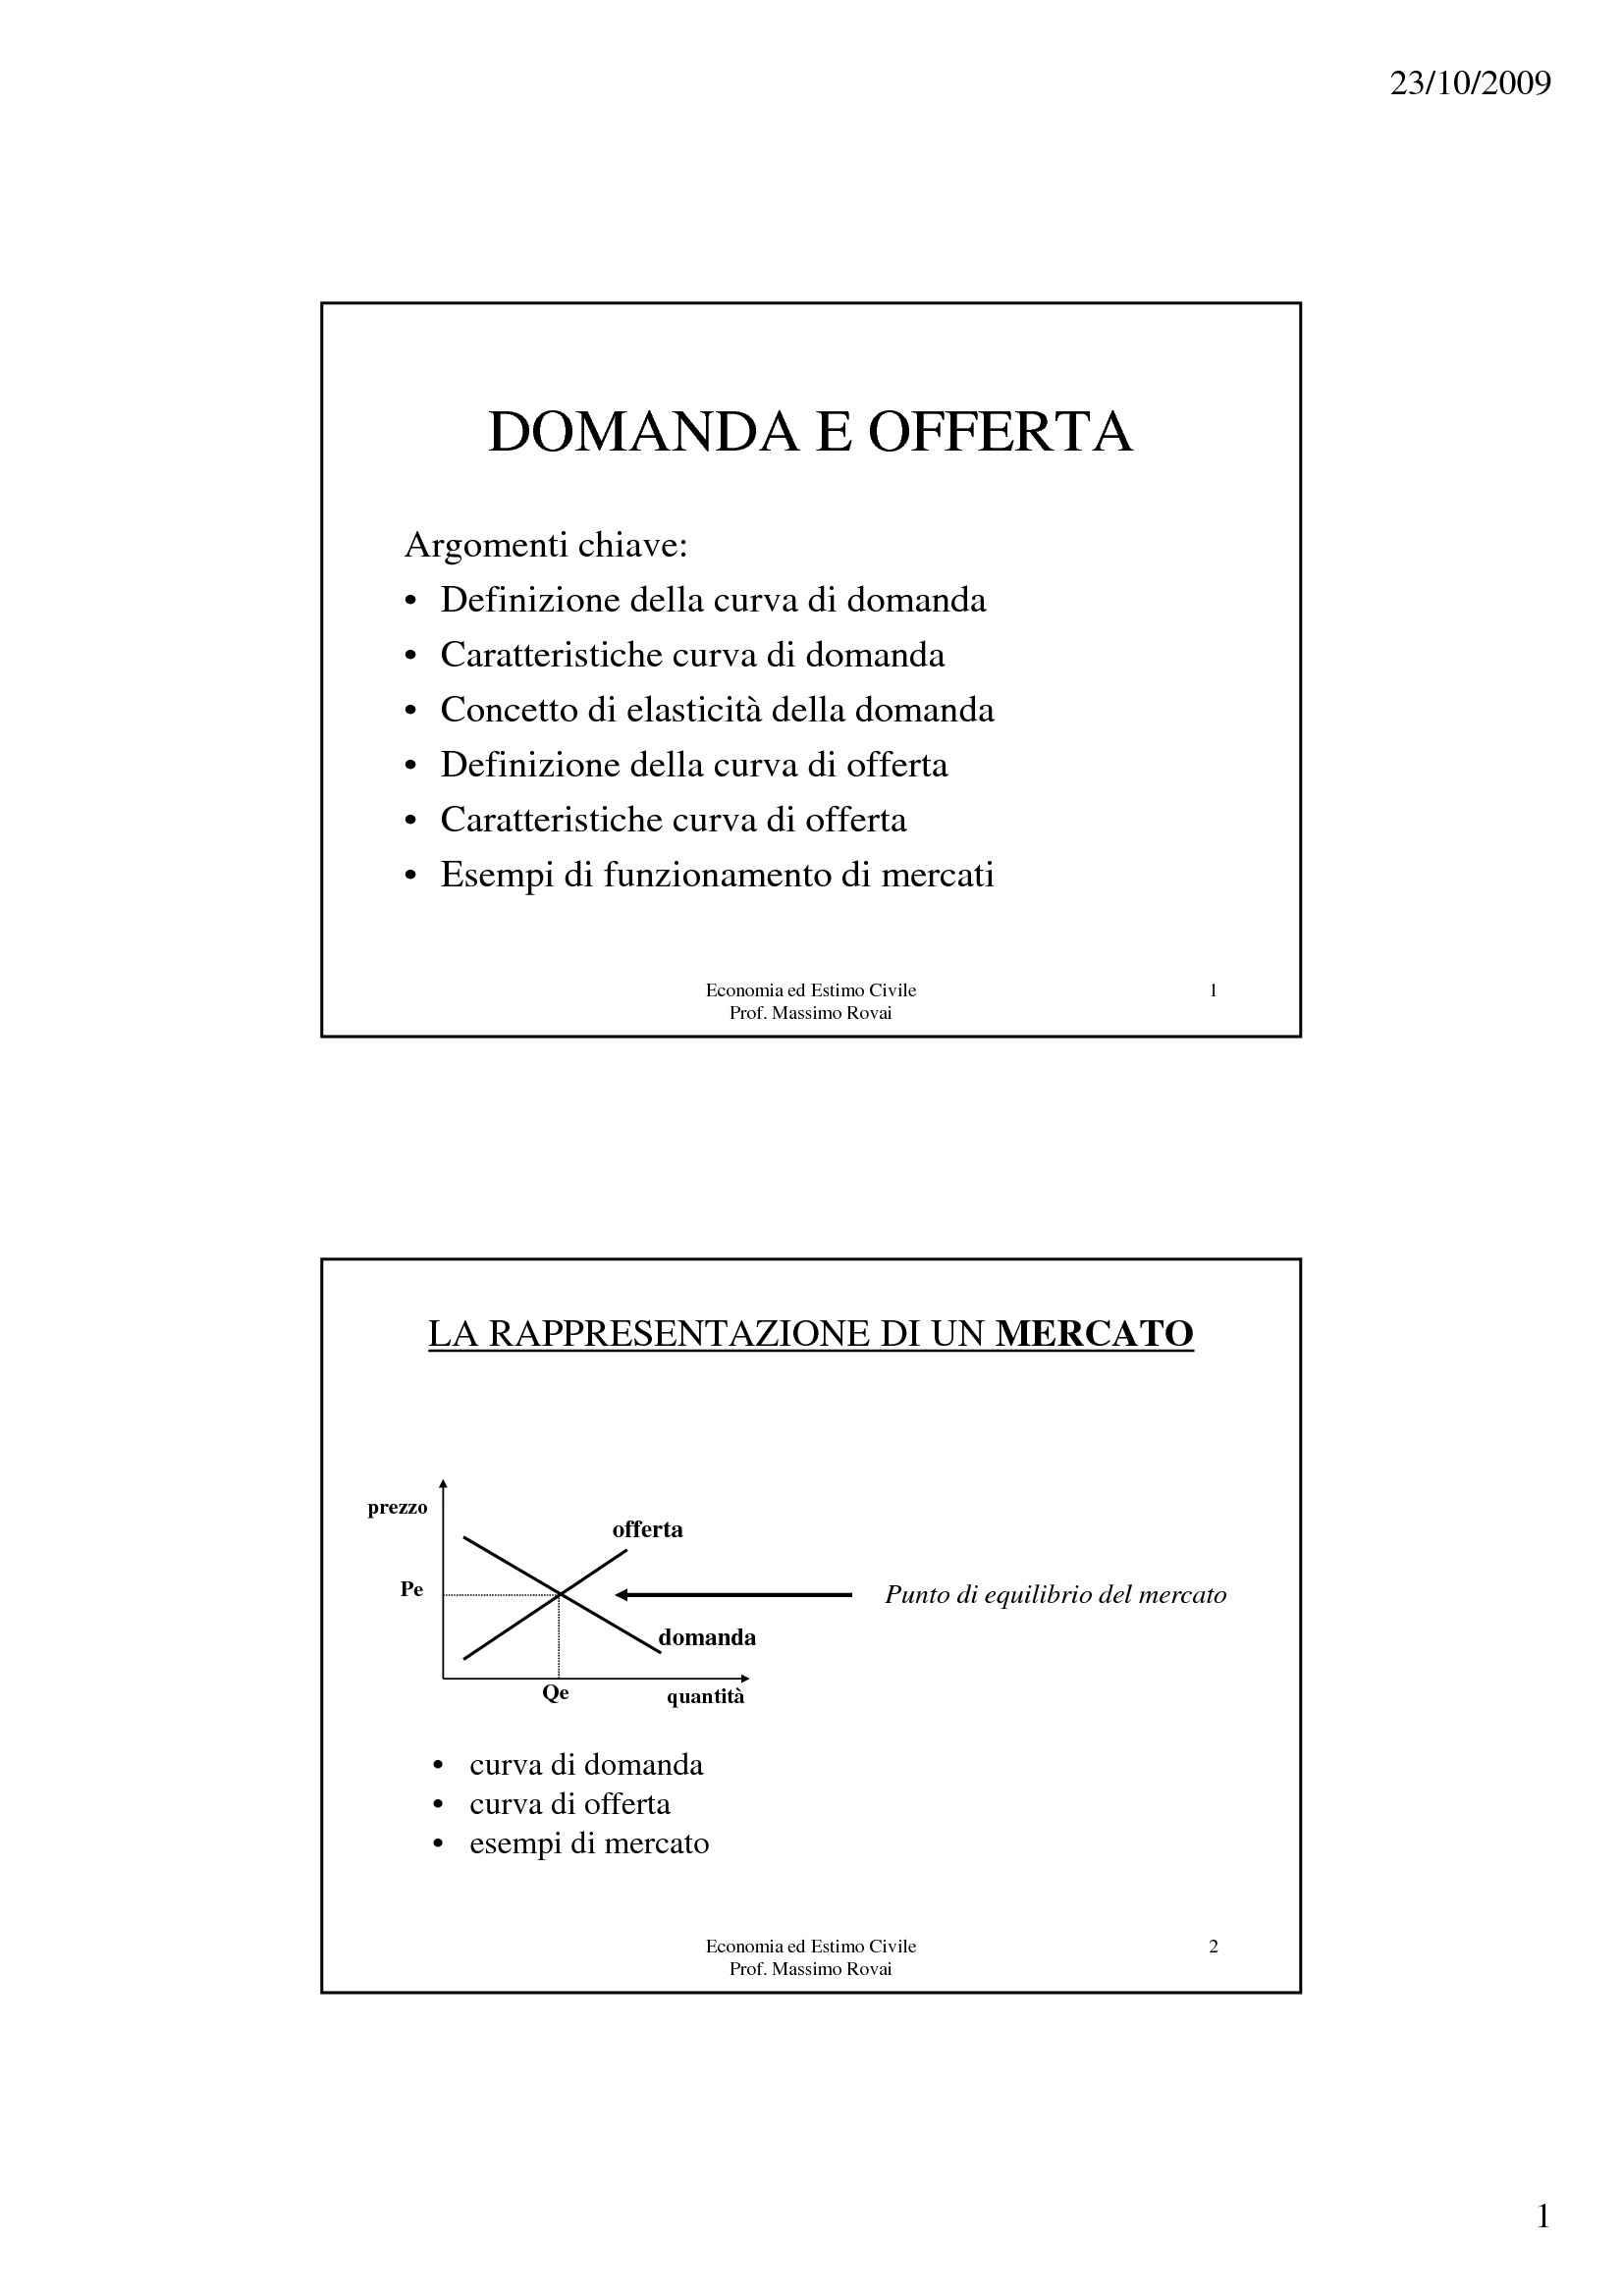 Elementi di economia - Domanda e Offerta